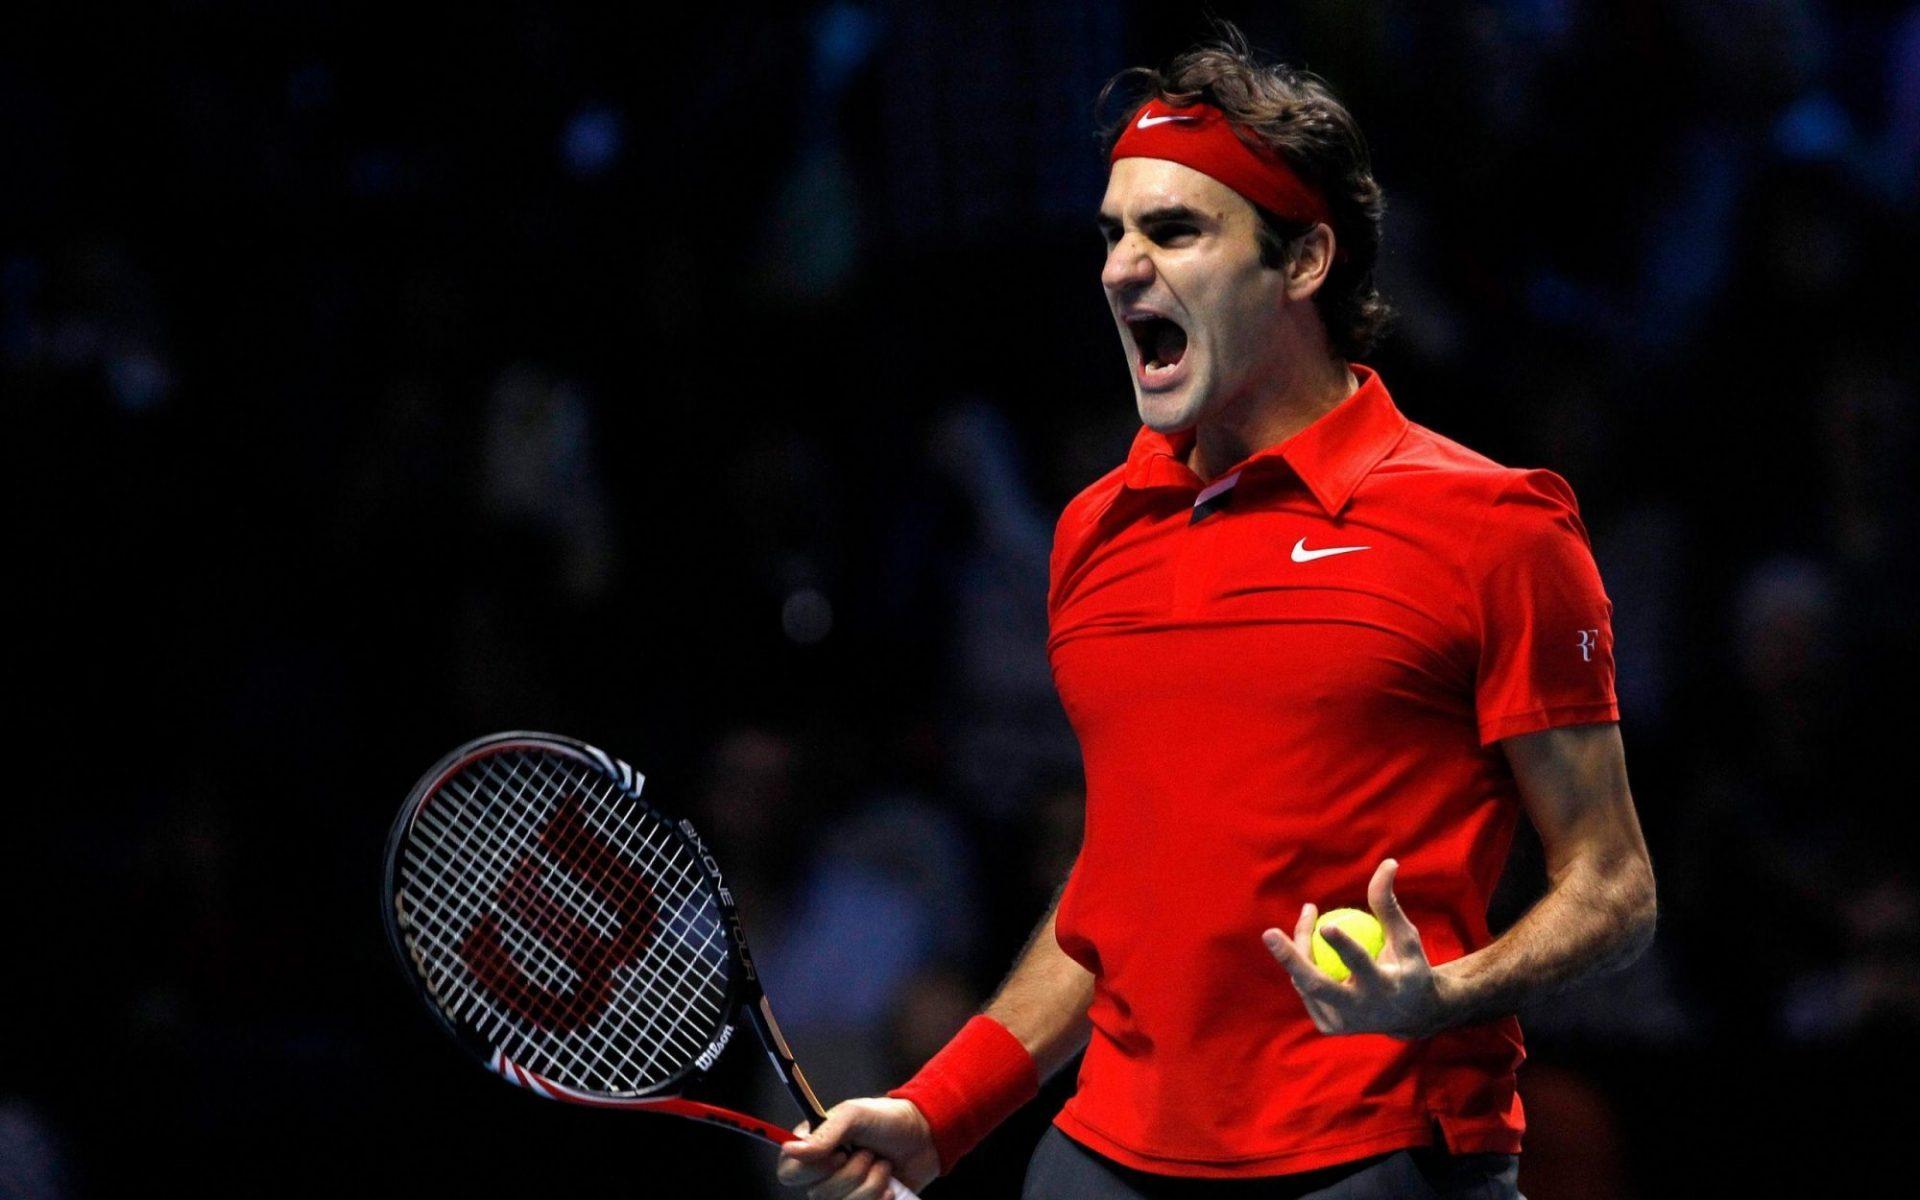 20 Time Grand Slam Champion Roger Federer